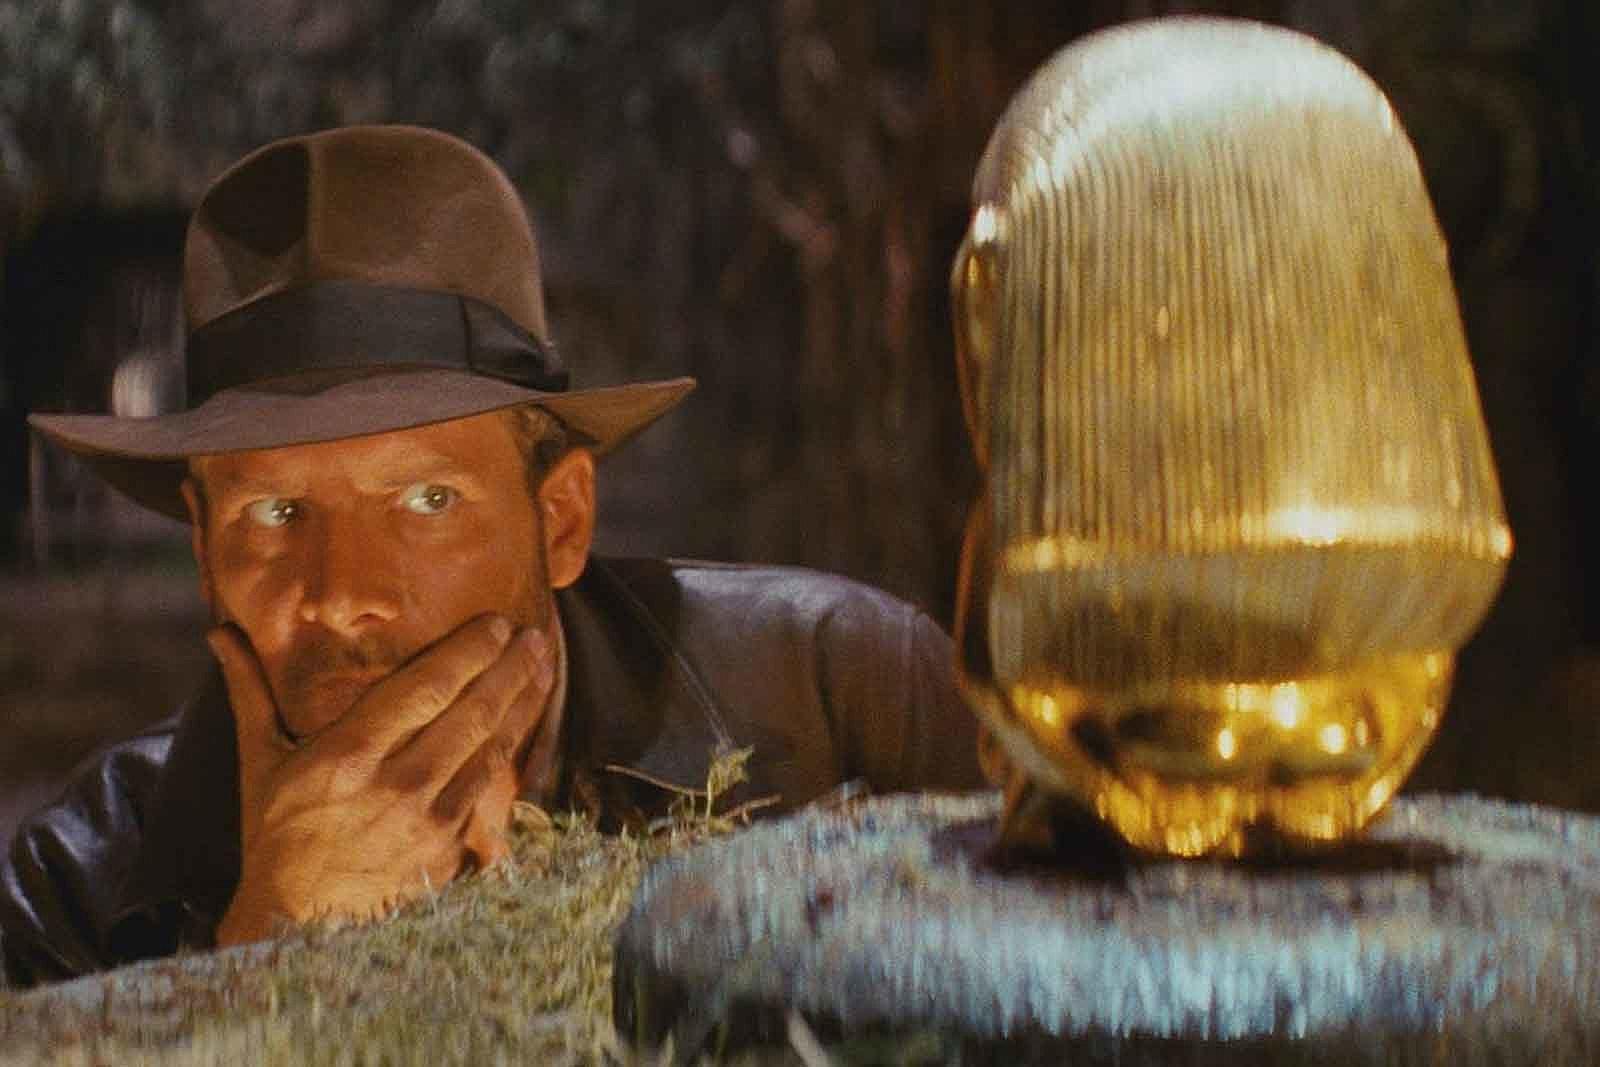 Top 10 Indiana Jones Movie Scenes